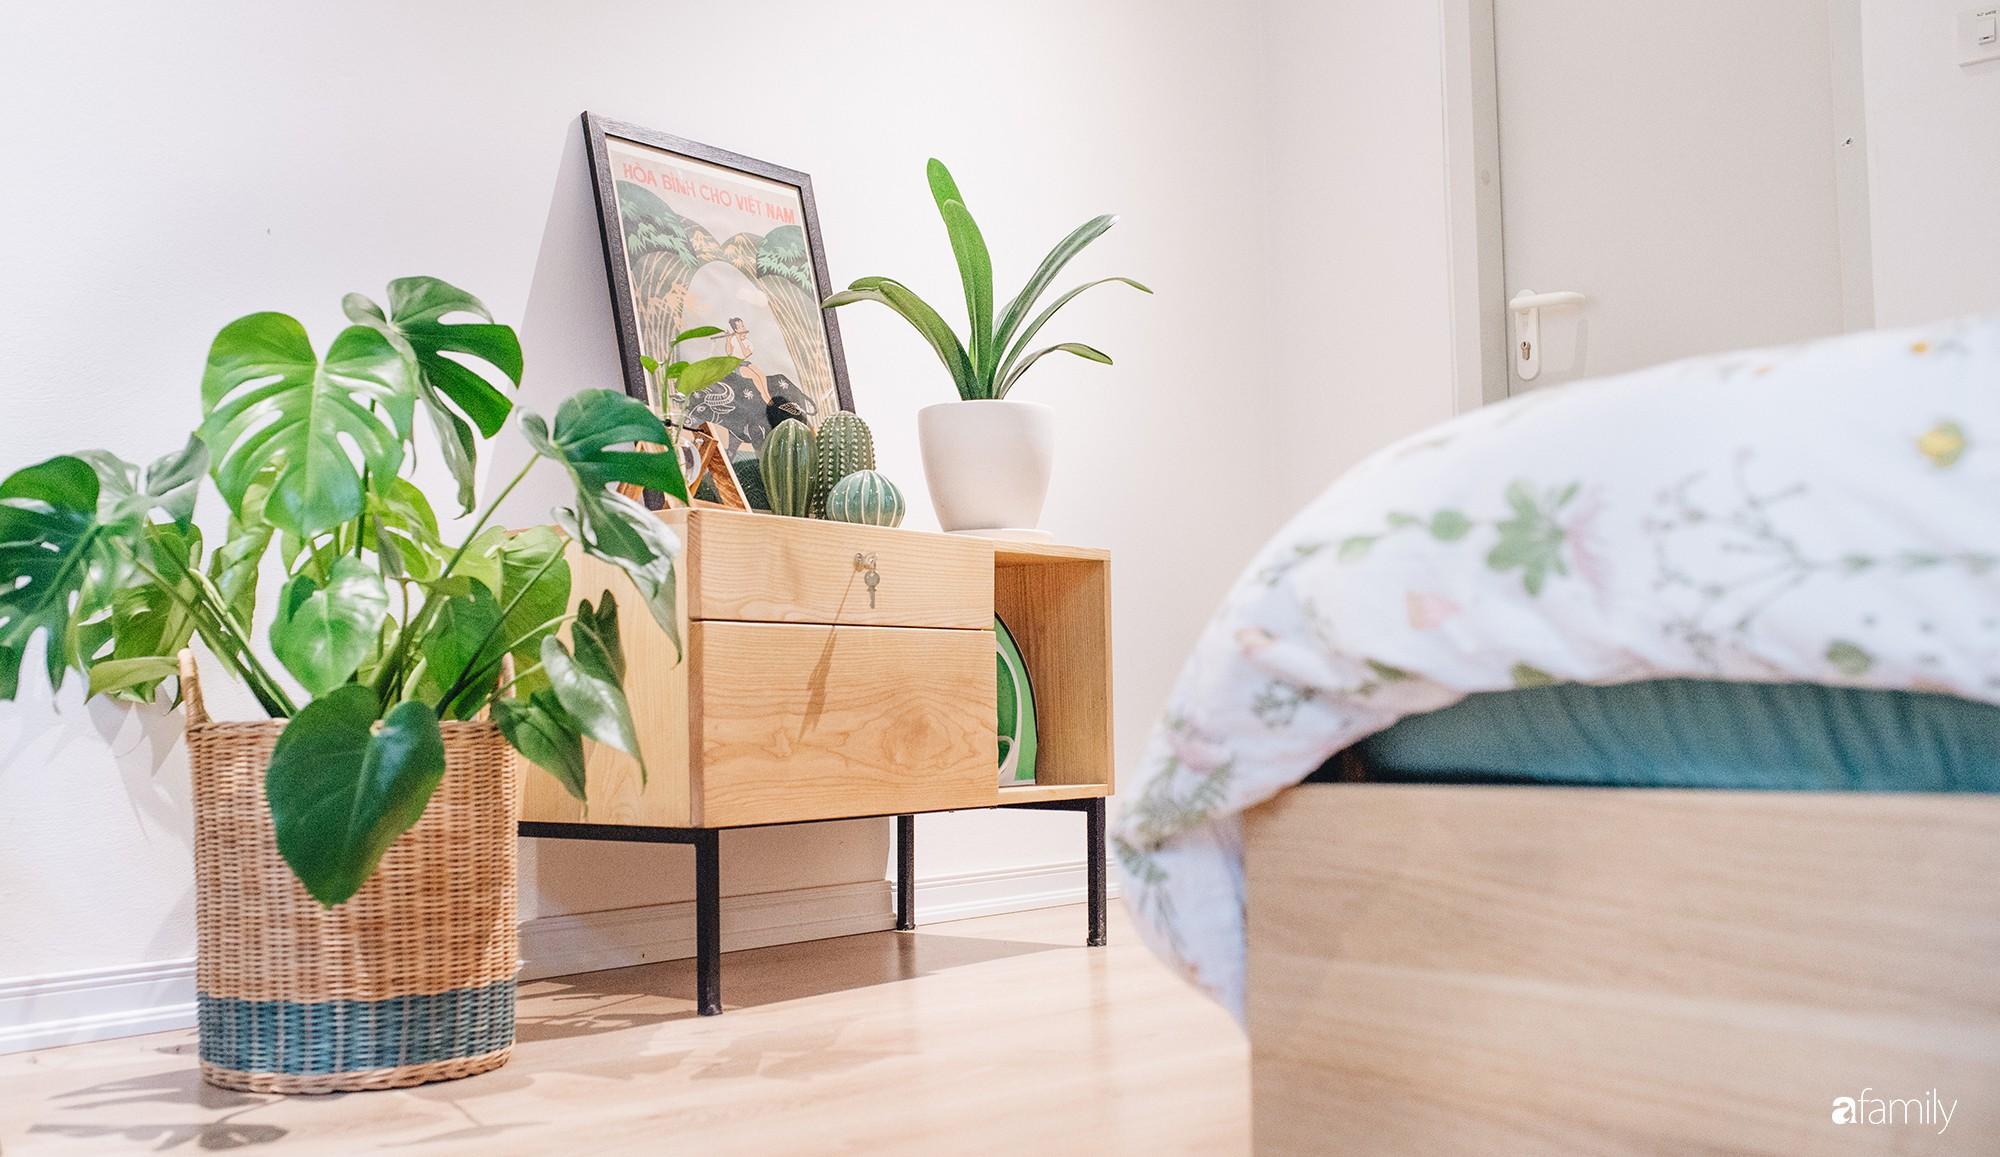 Cây xanh - cách làm mới không gian sống nhanh, rẻ, dễ ứng dụng để đón hè vào nhà - Ảnh 8.